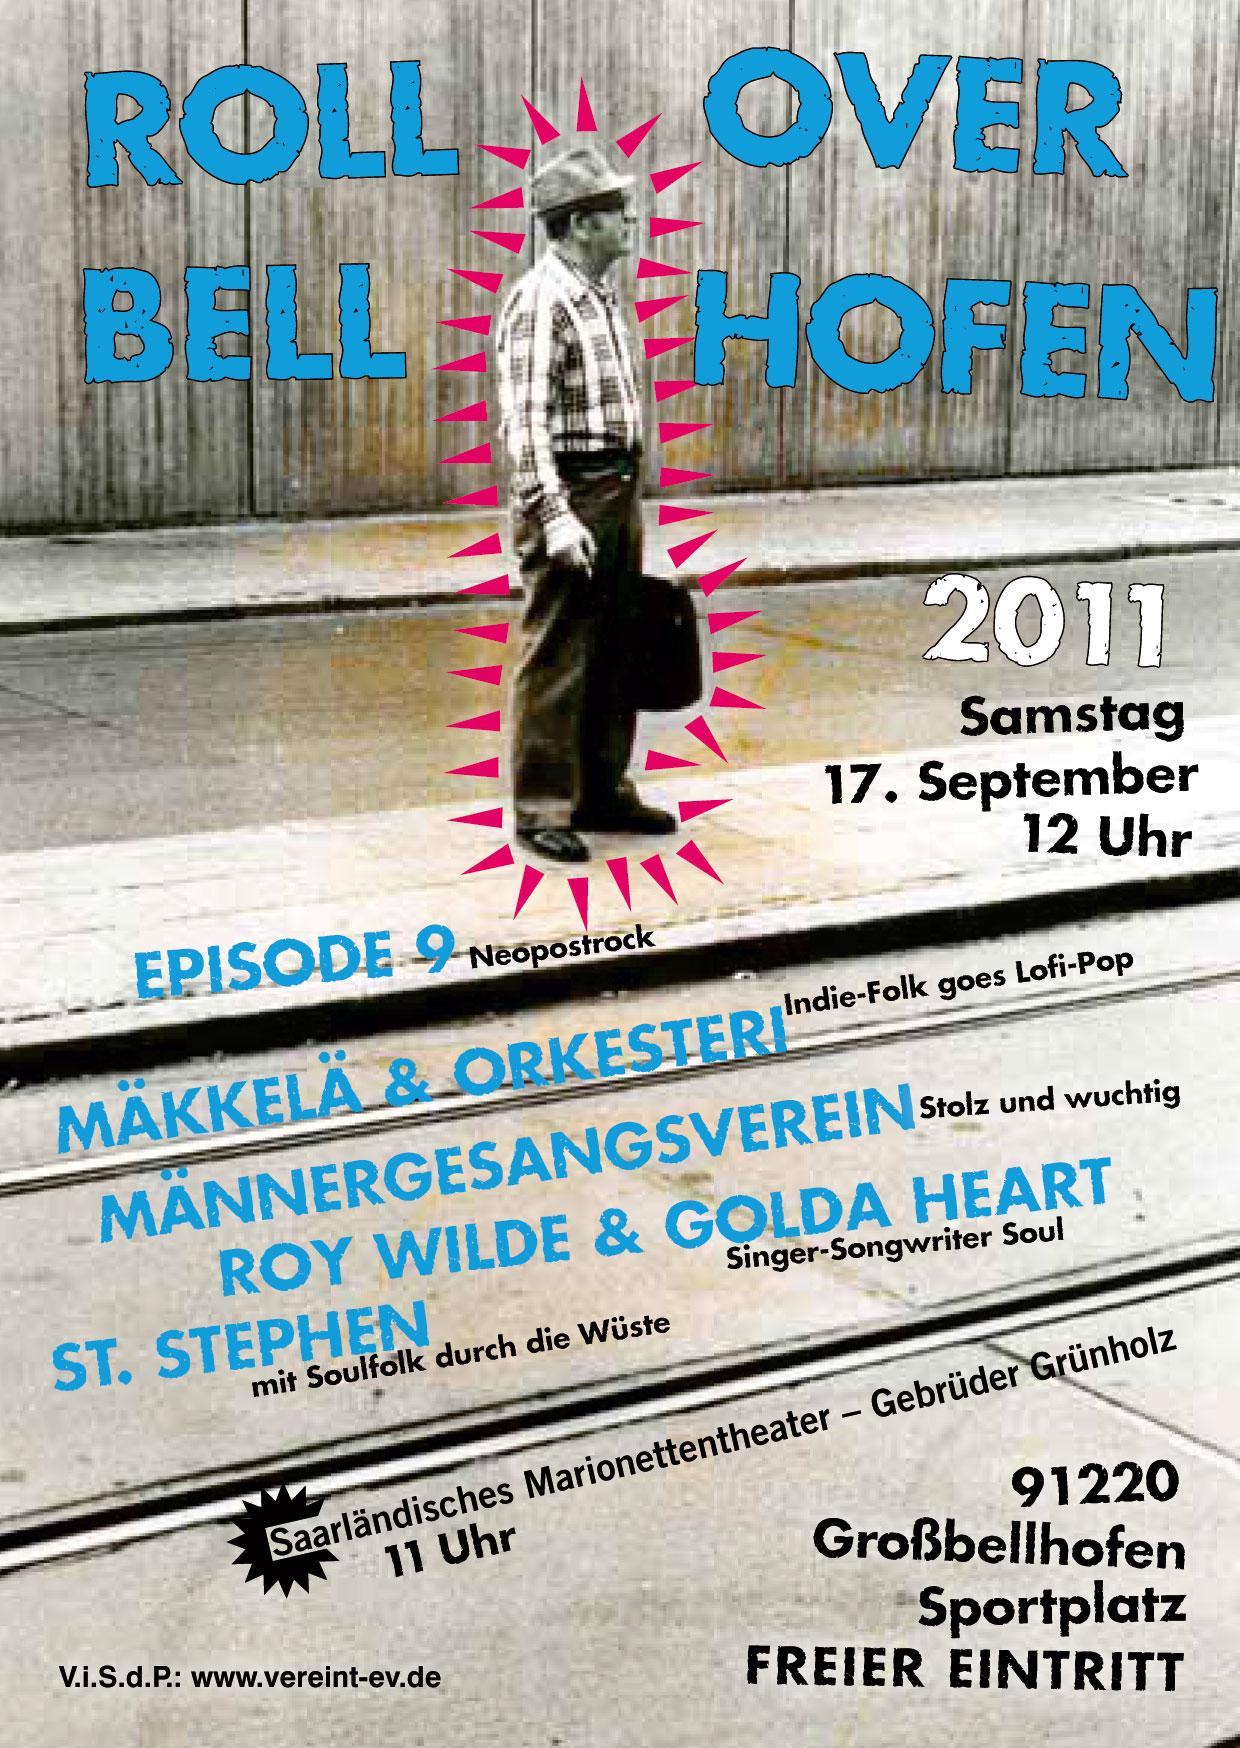 Roll-over-Bellhofen-2011-a